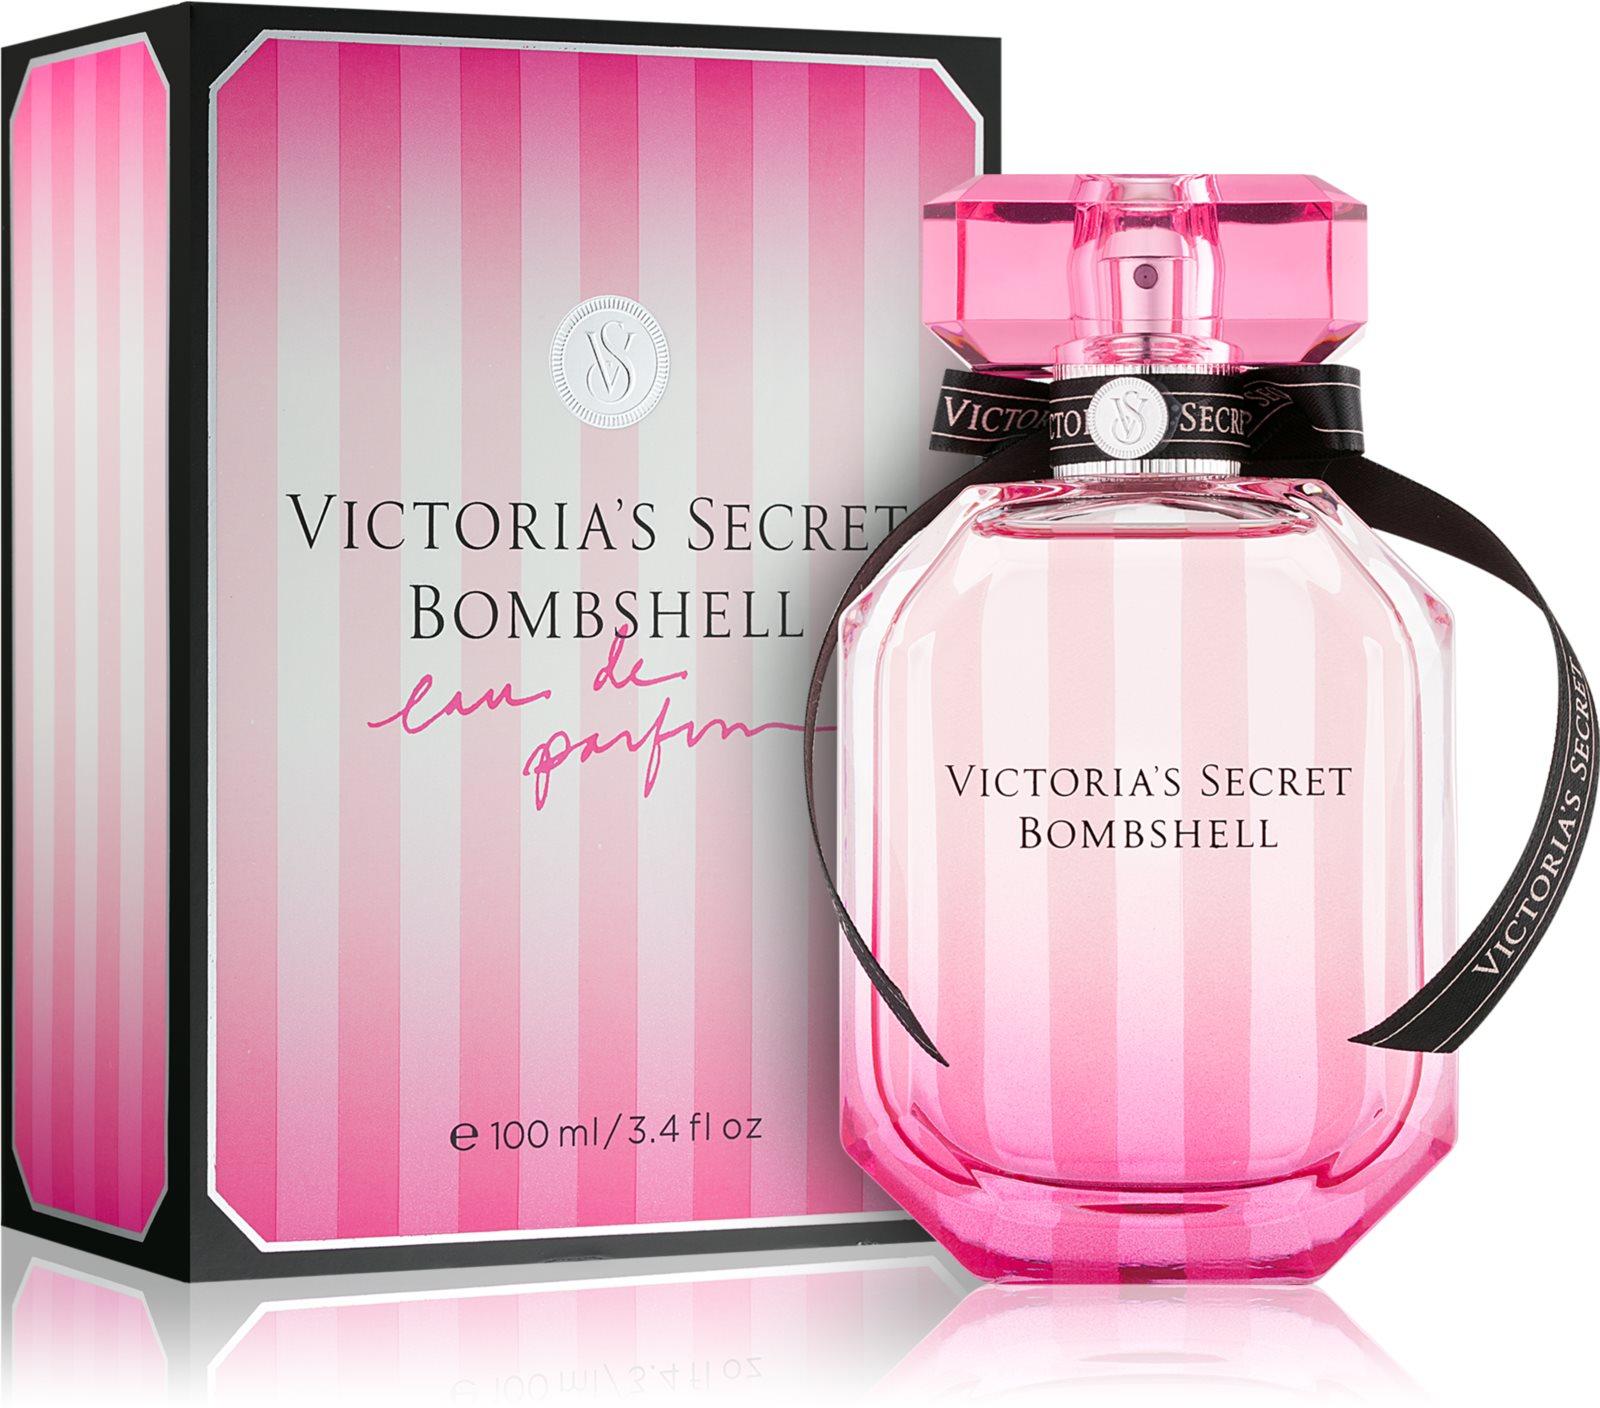 <center>Victoria's Secret Bombshell</center>